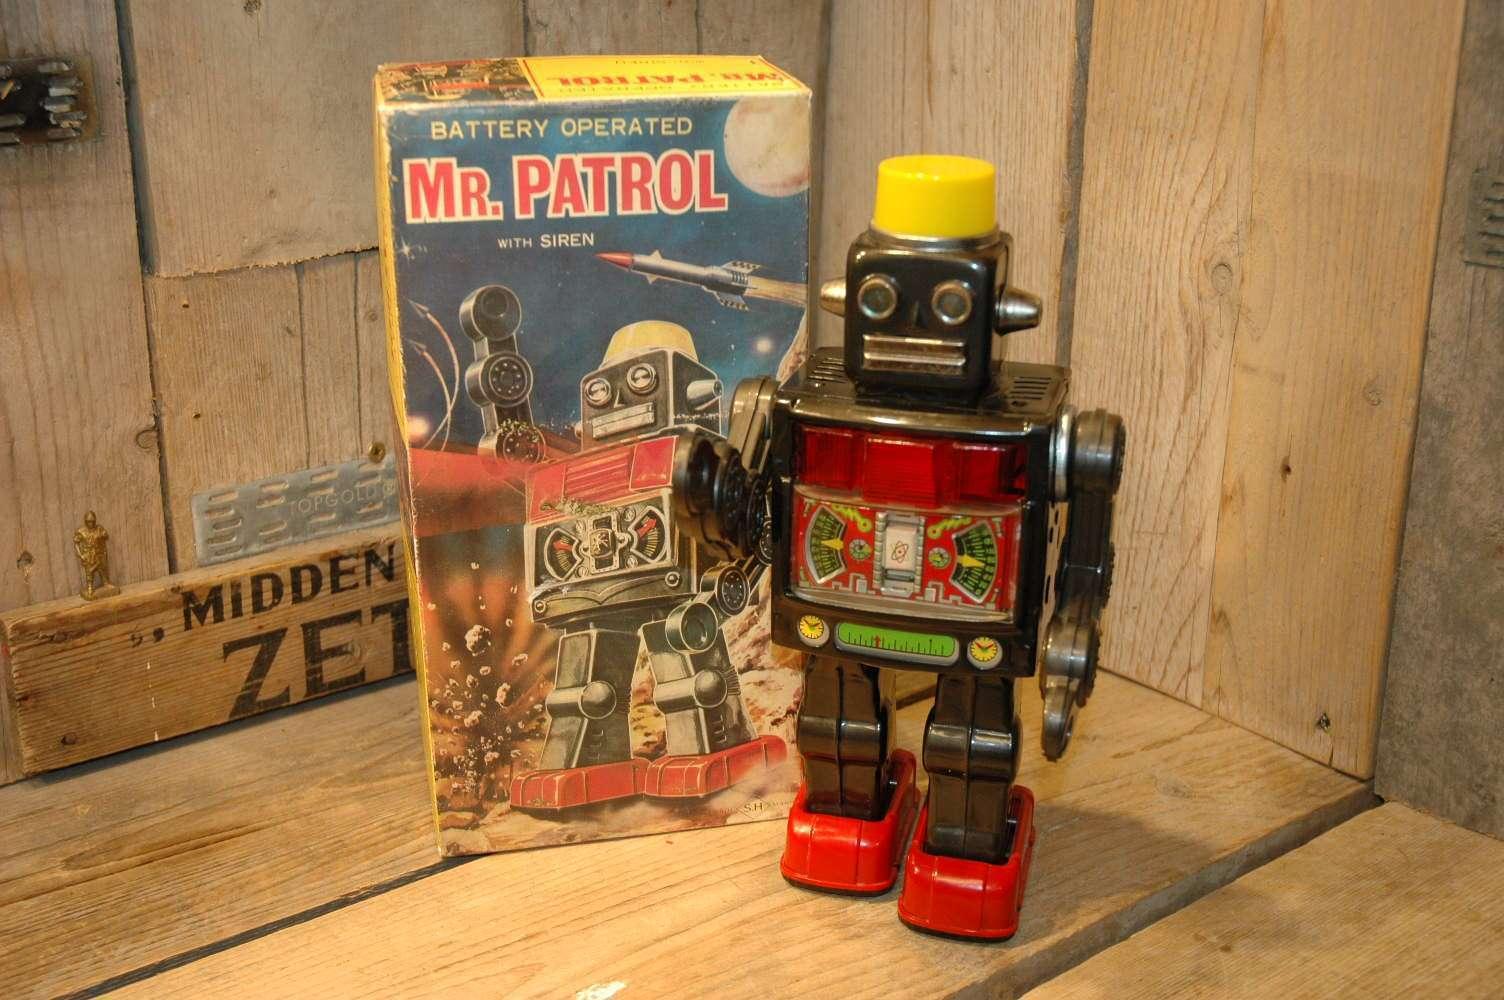 horikawa - Mr Patrol Robot version